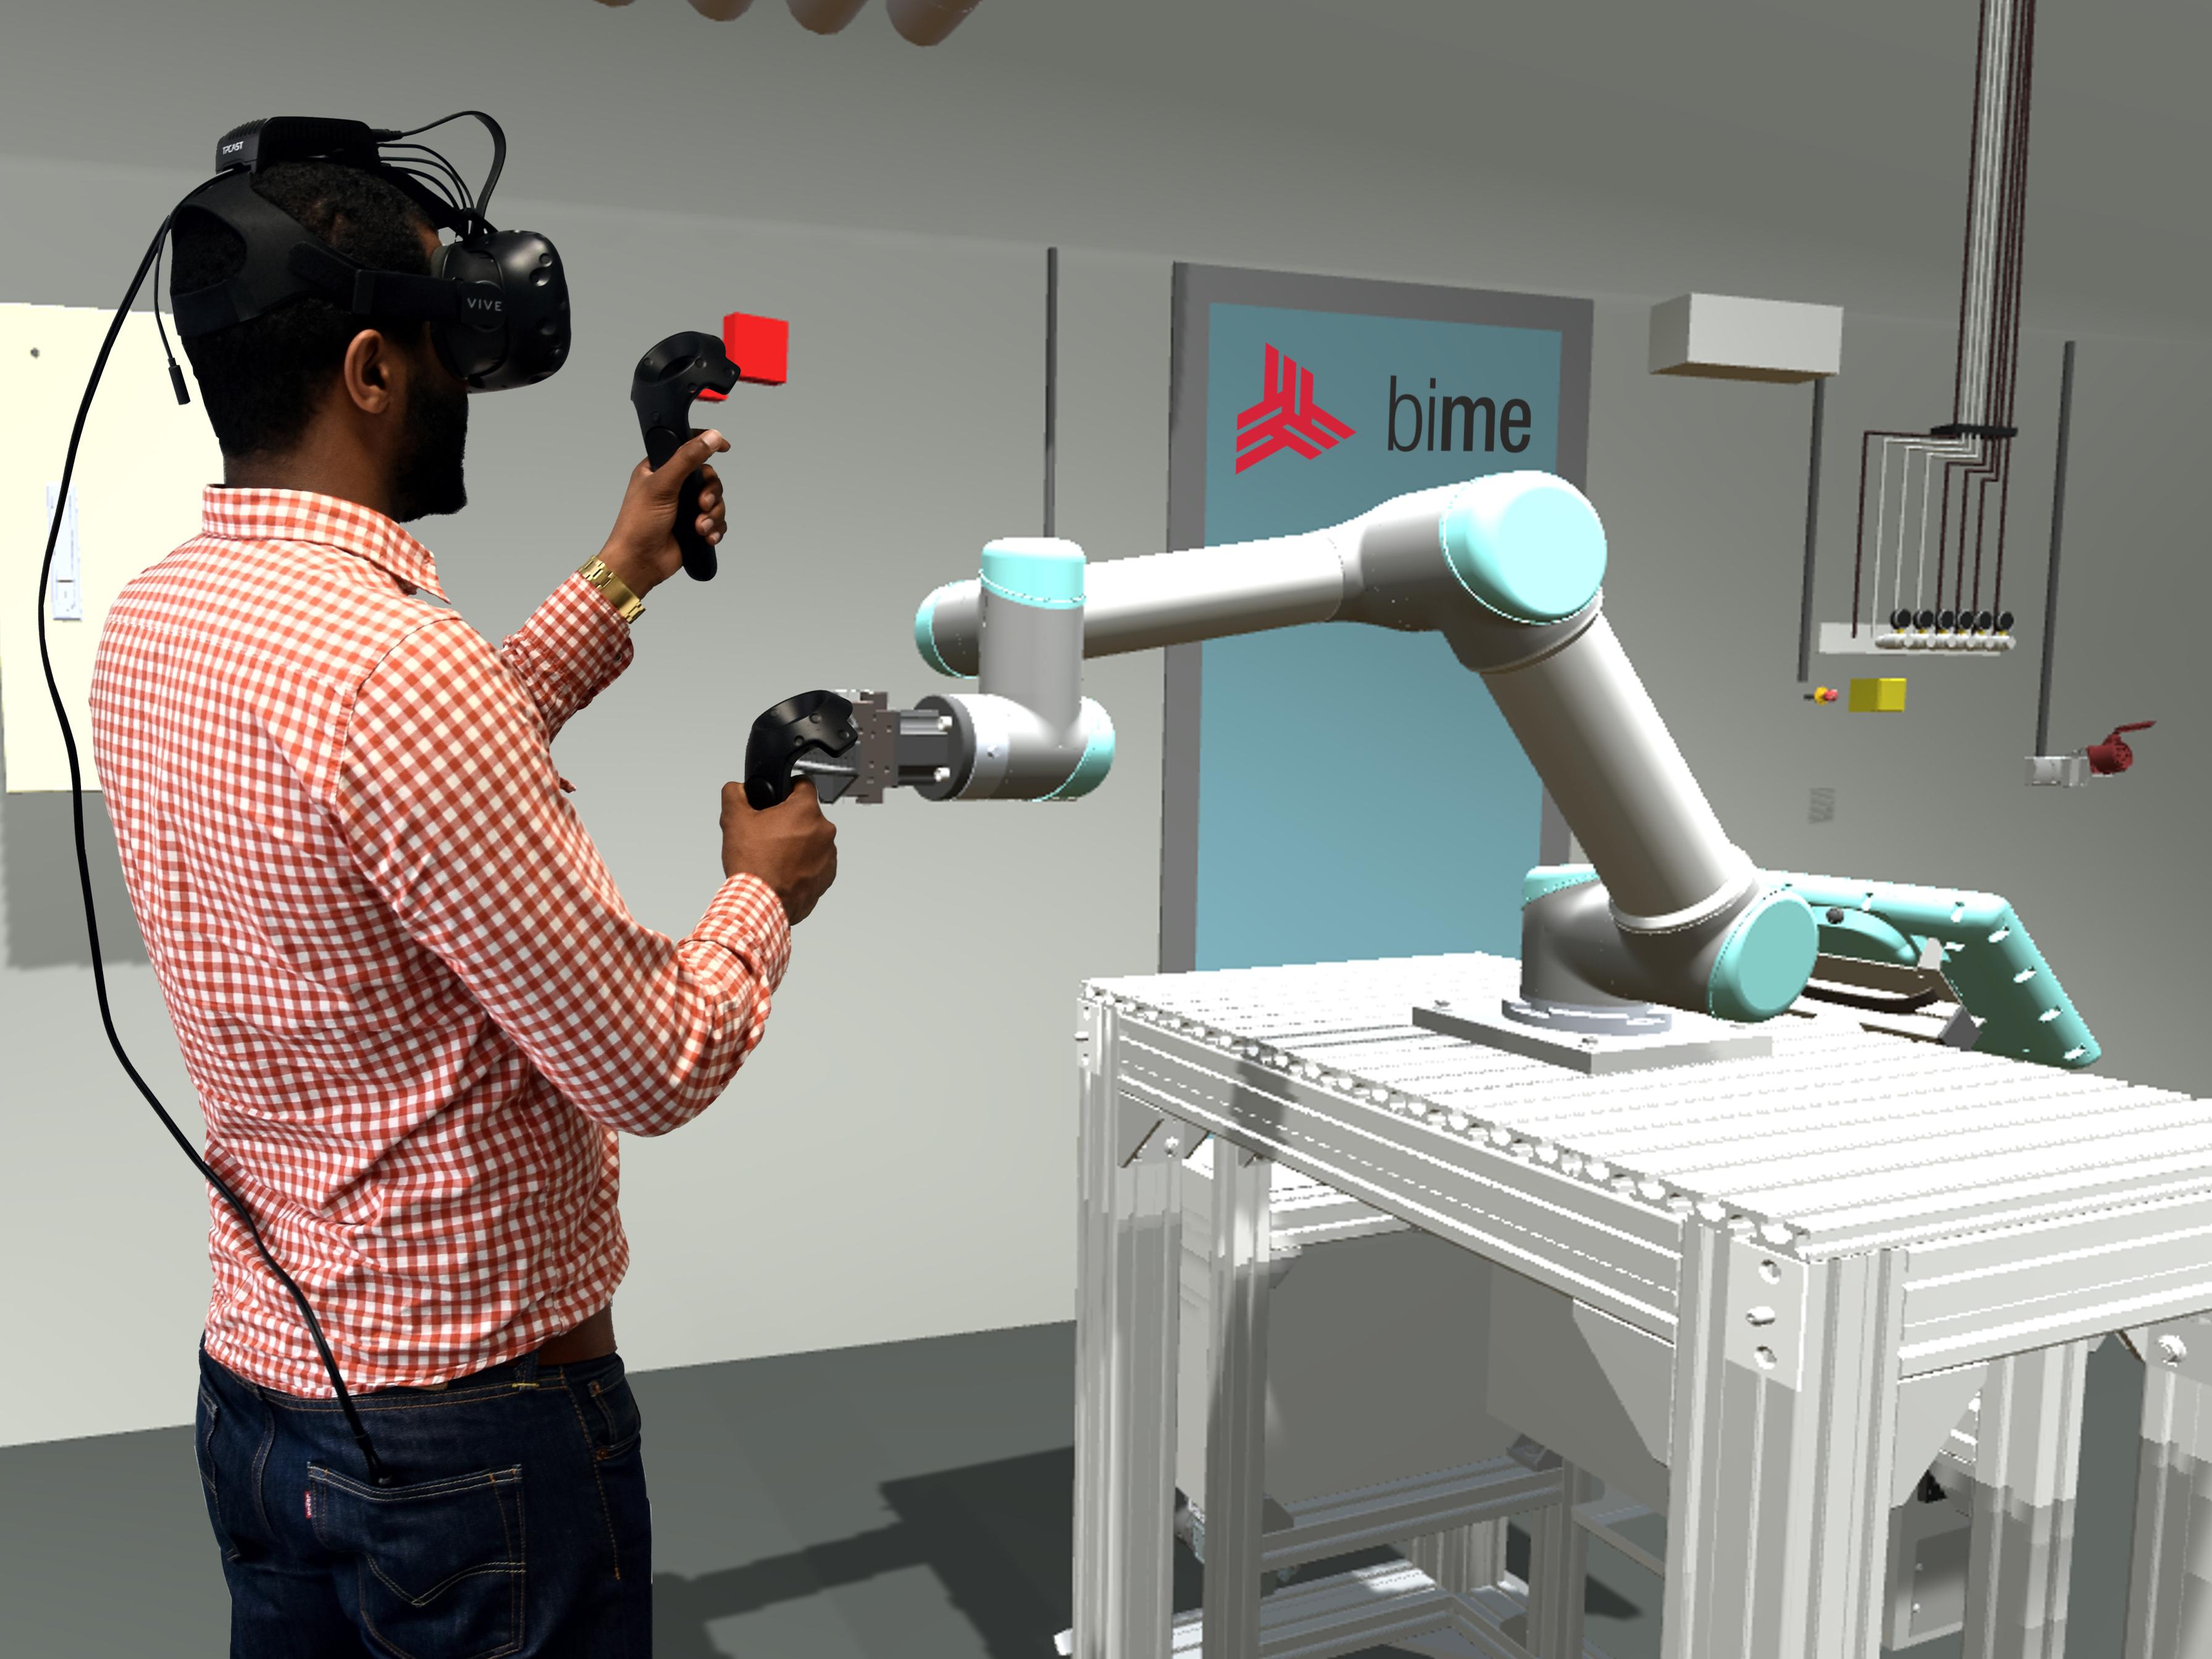 Projekt für Zusammenarbeit von Mensch und Roboter